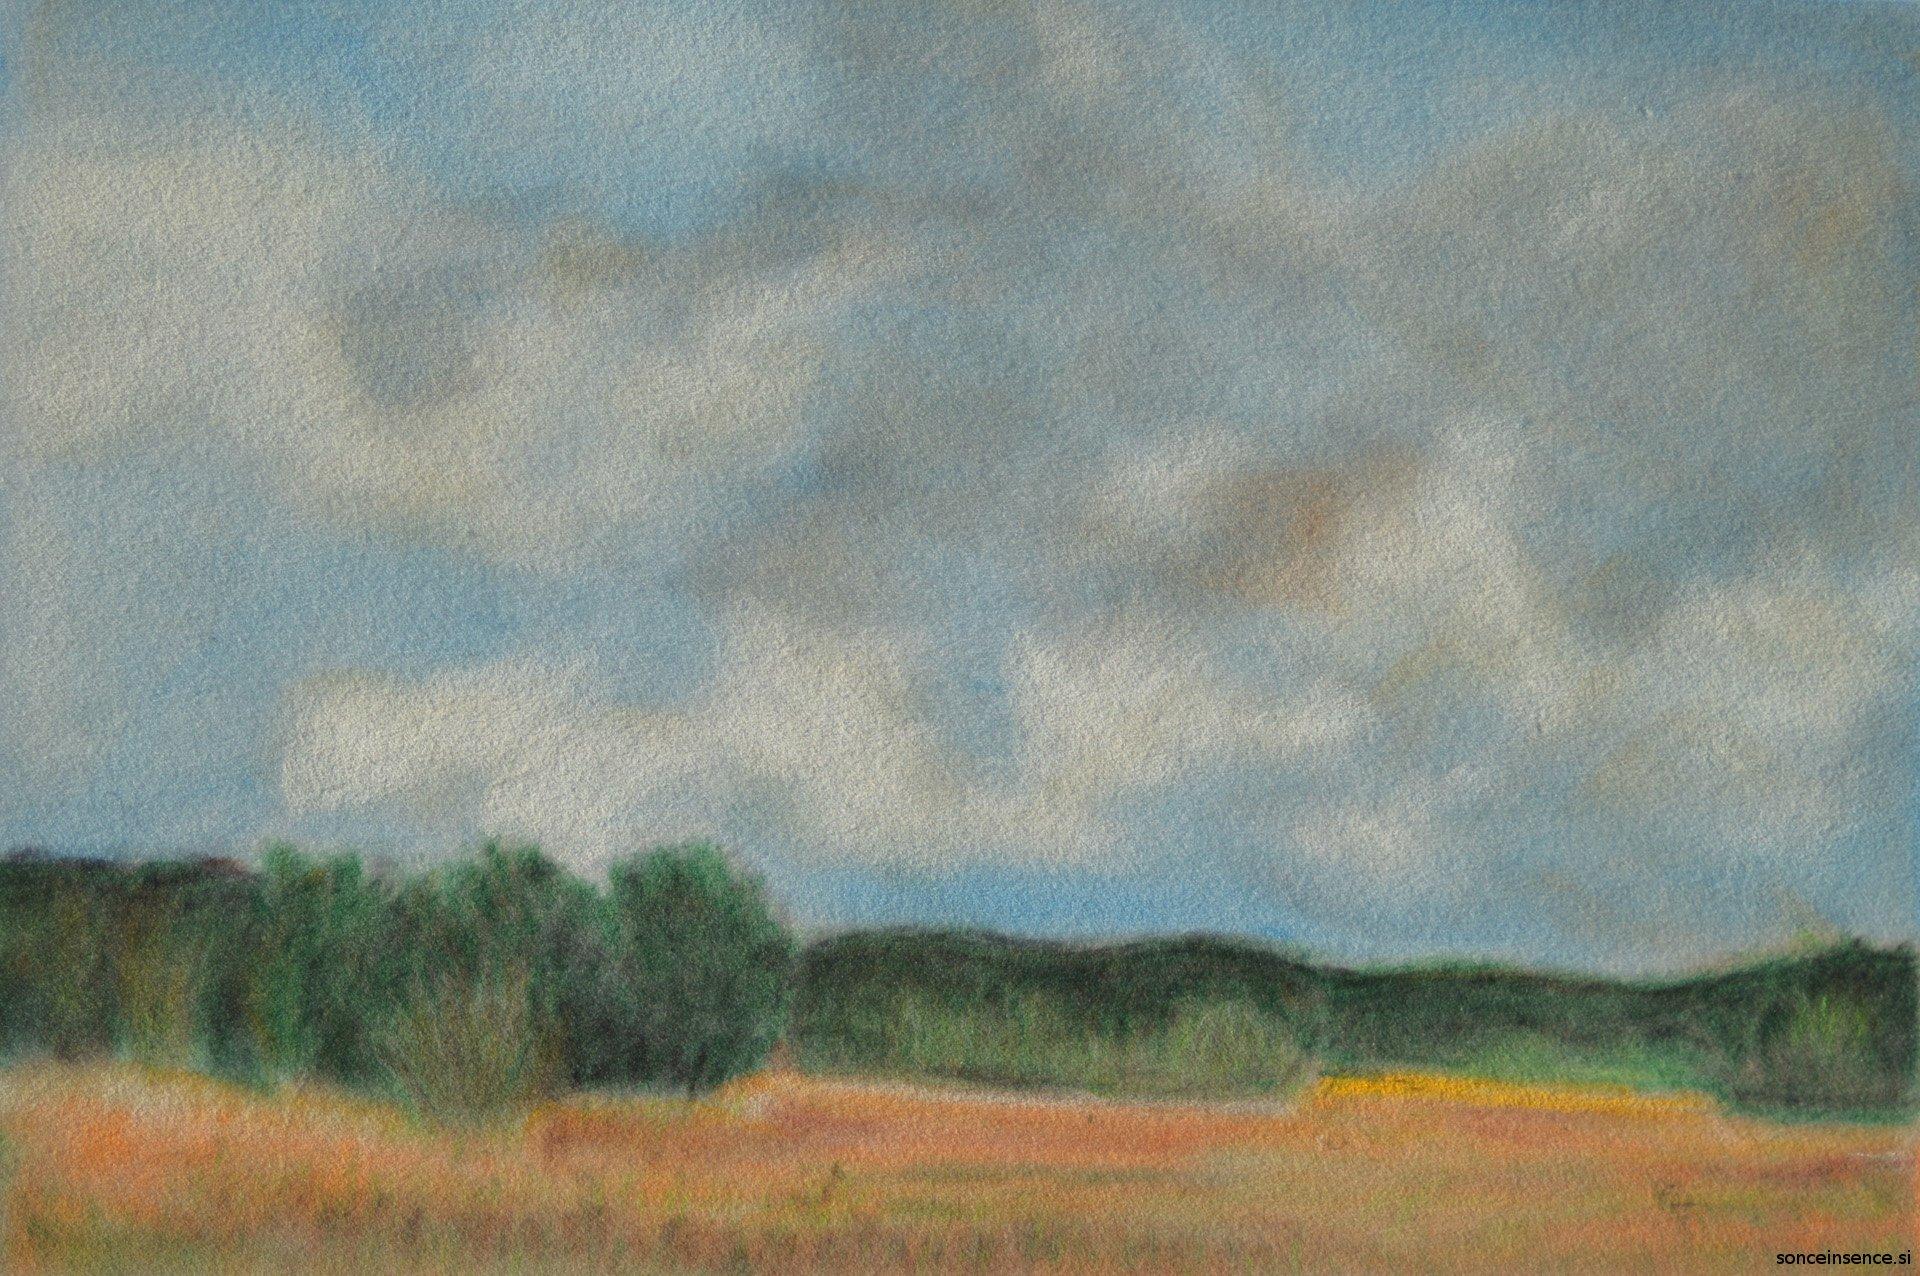 krajina, mehki pastel, 2015